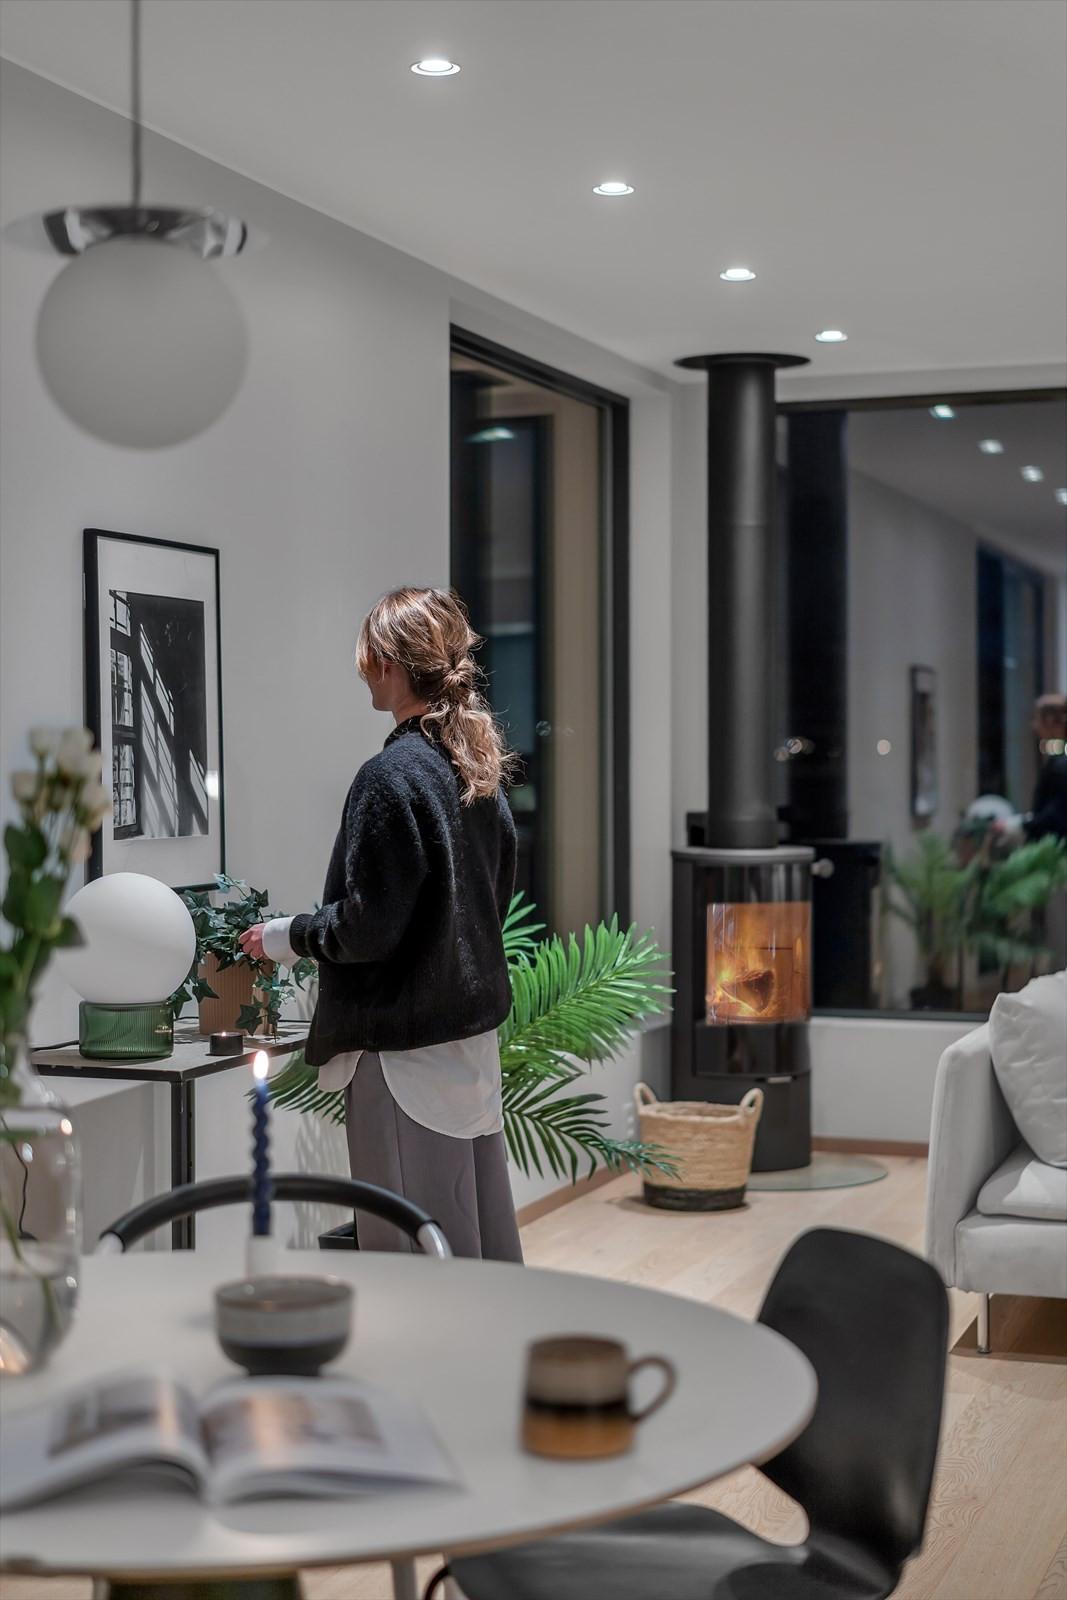 Moderne vedovn i stuen